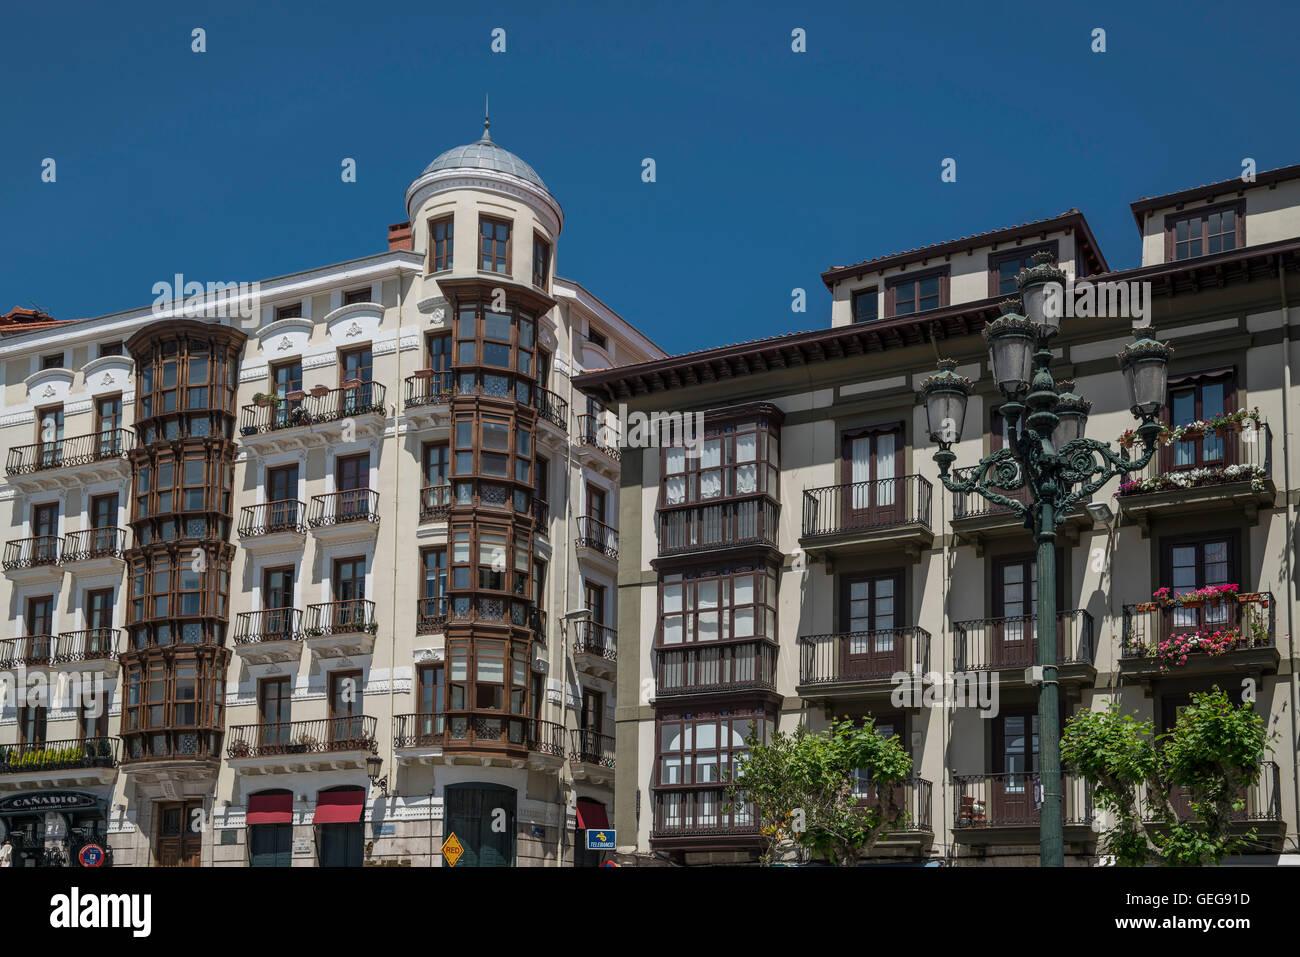 Centro citta' Architettura Santander, Cantabria, SPAGNA Immagini Stock